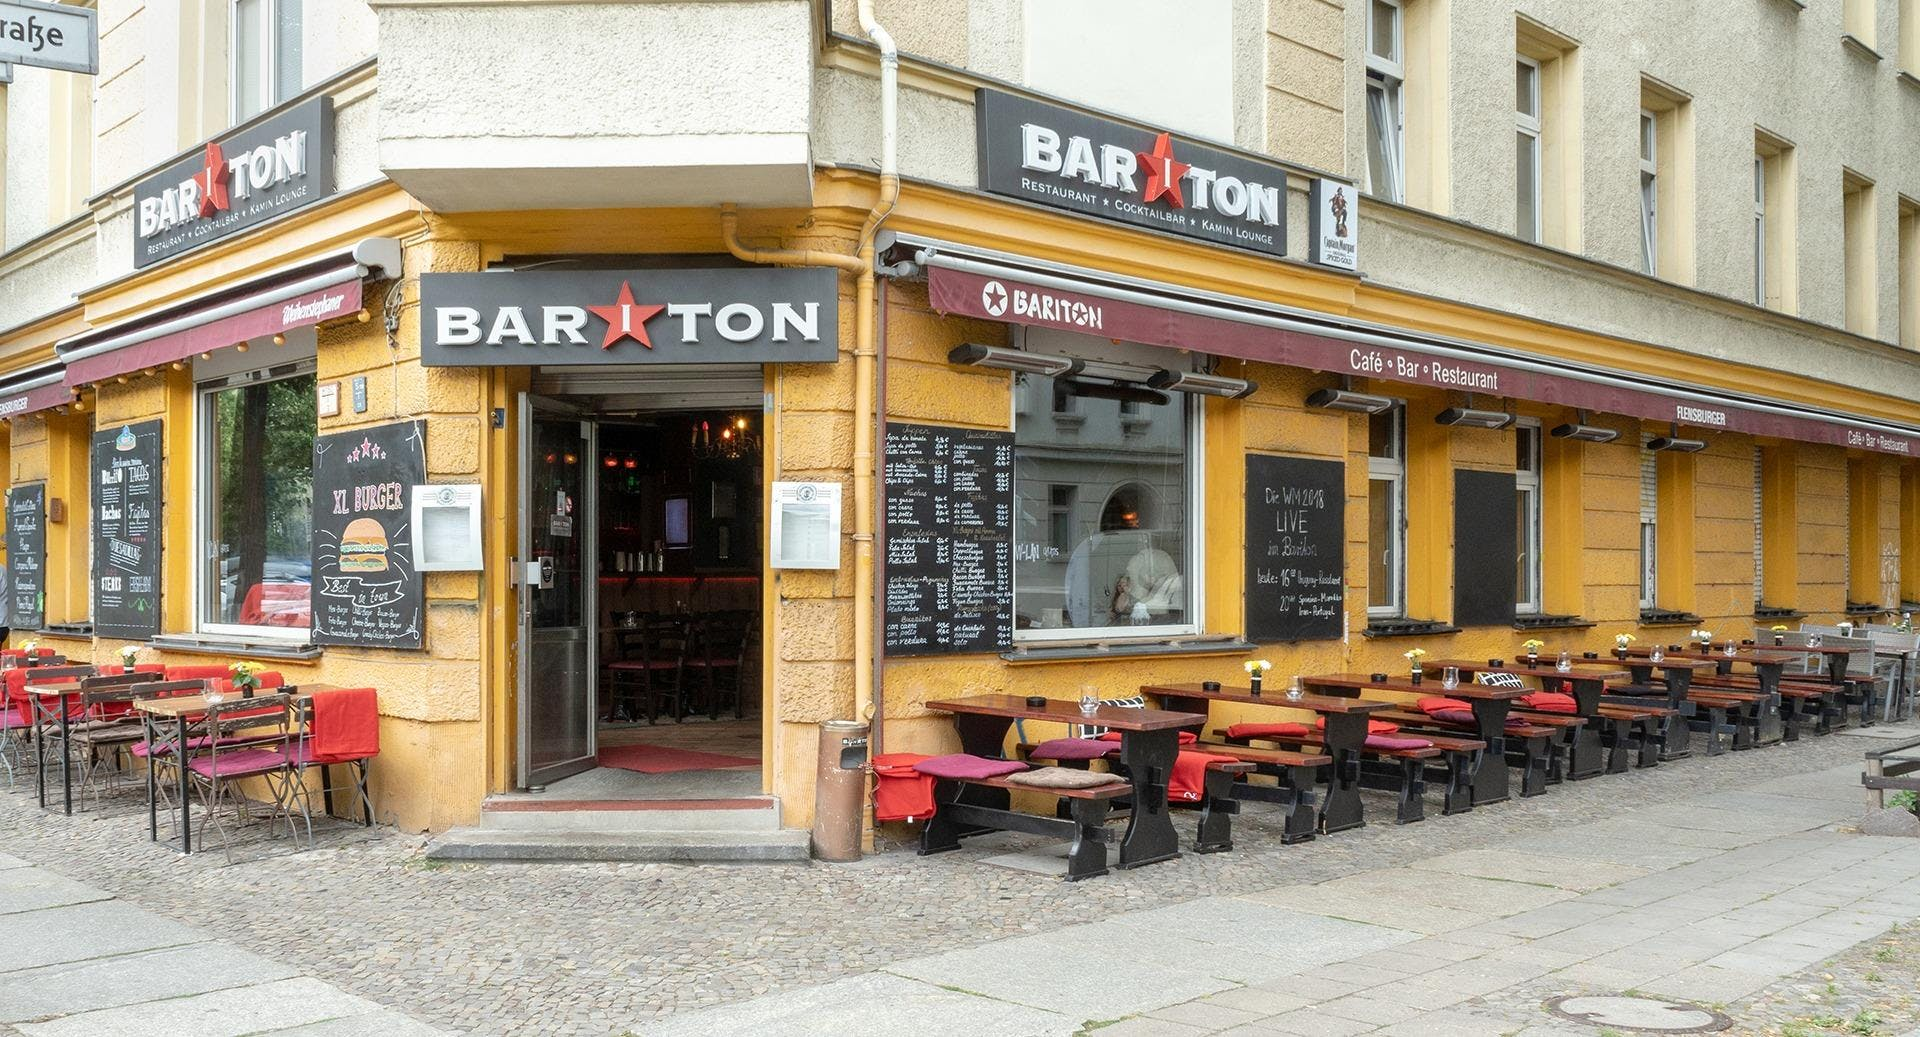 Bariton